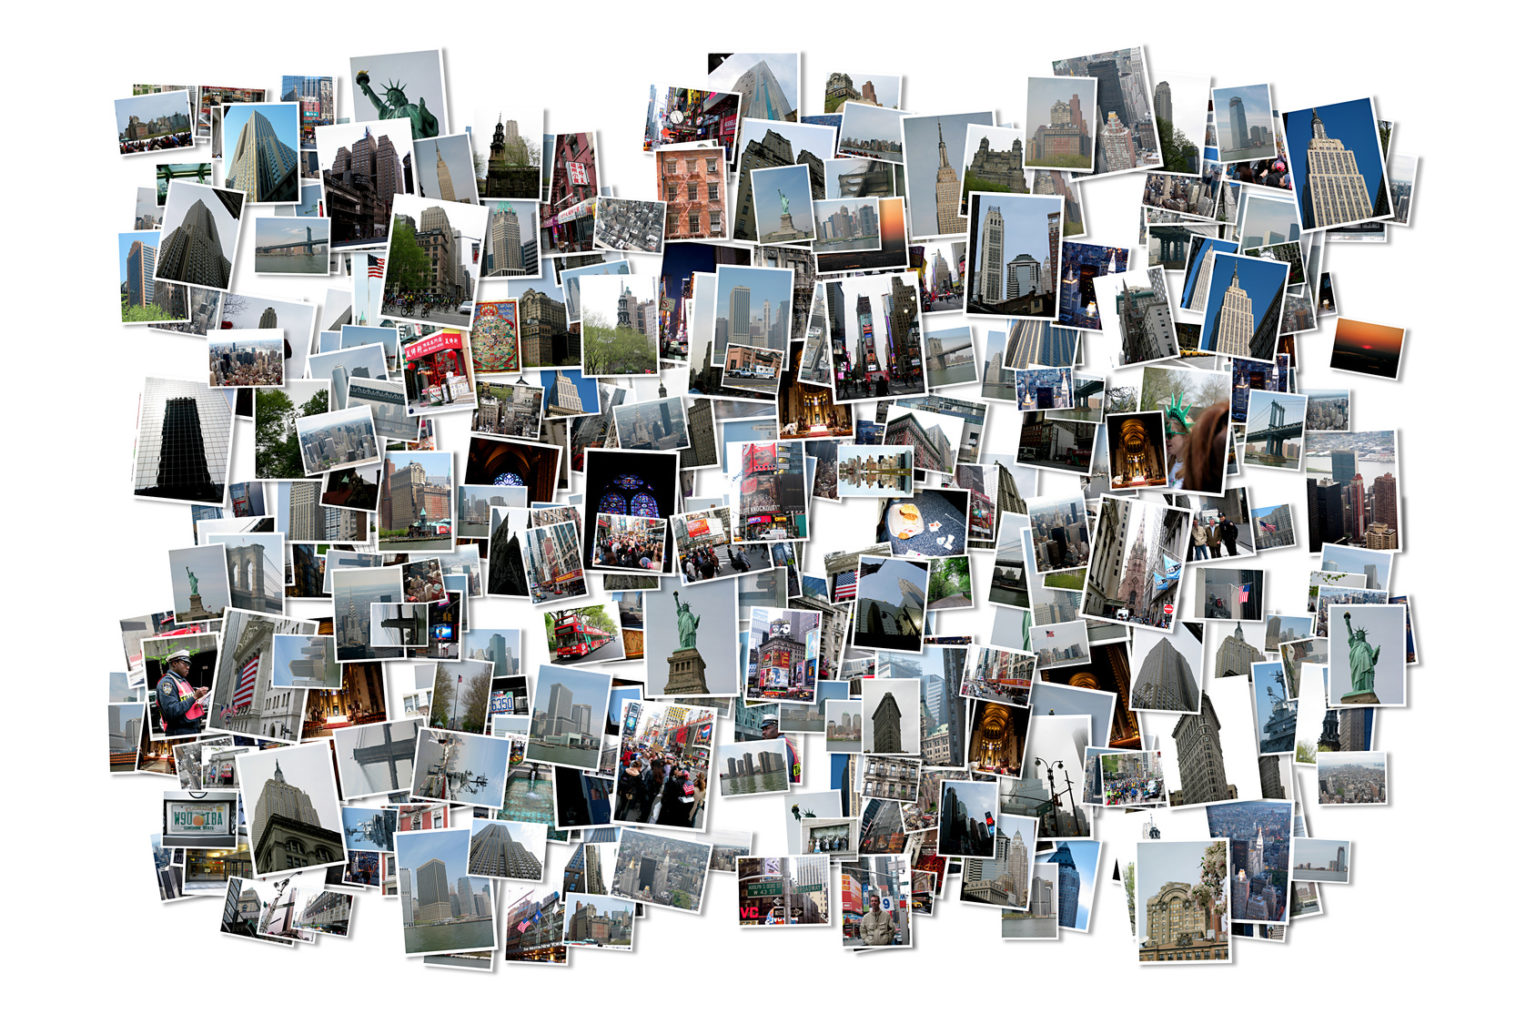 bilder,fotos,viele